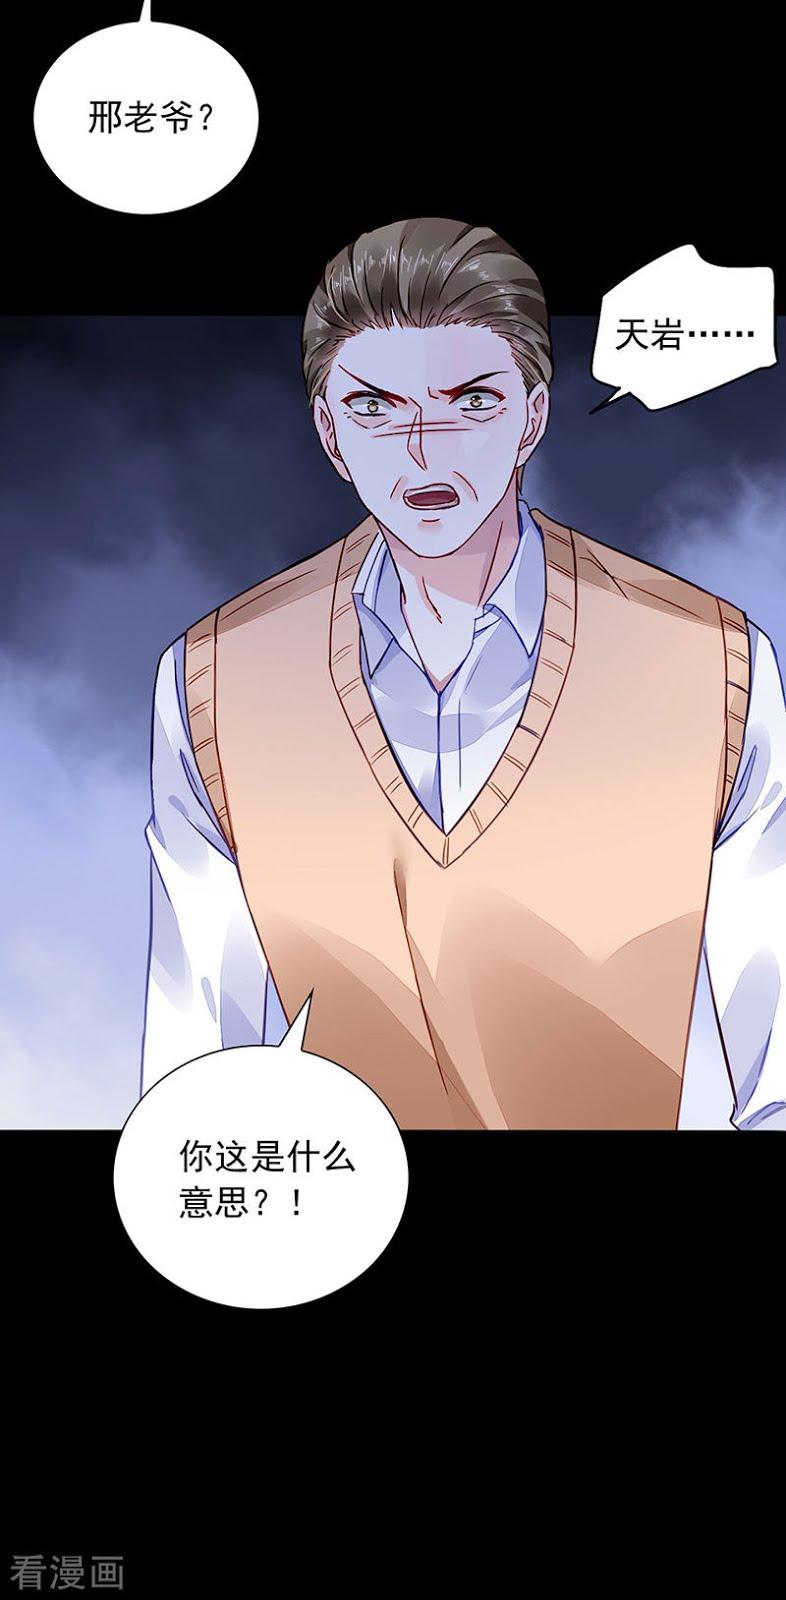 落難千金的逆襲: 191話 解圍 - 第15页